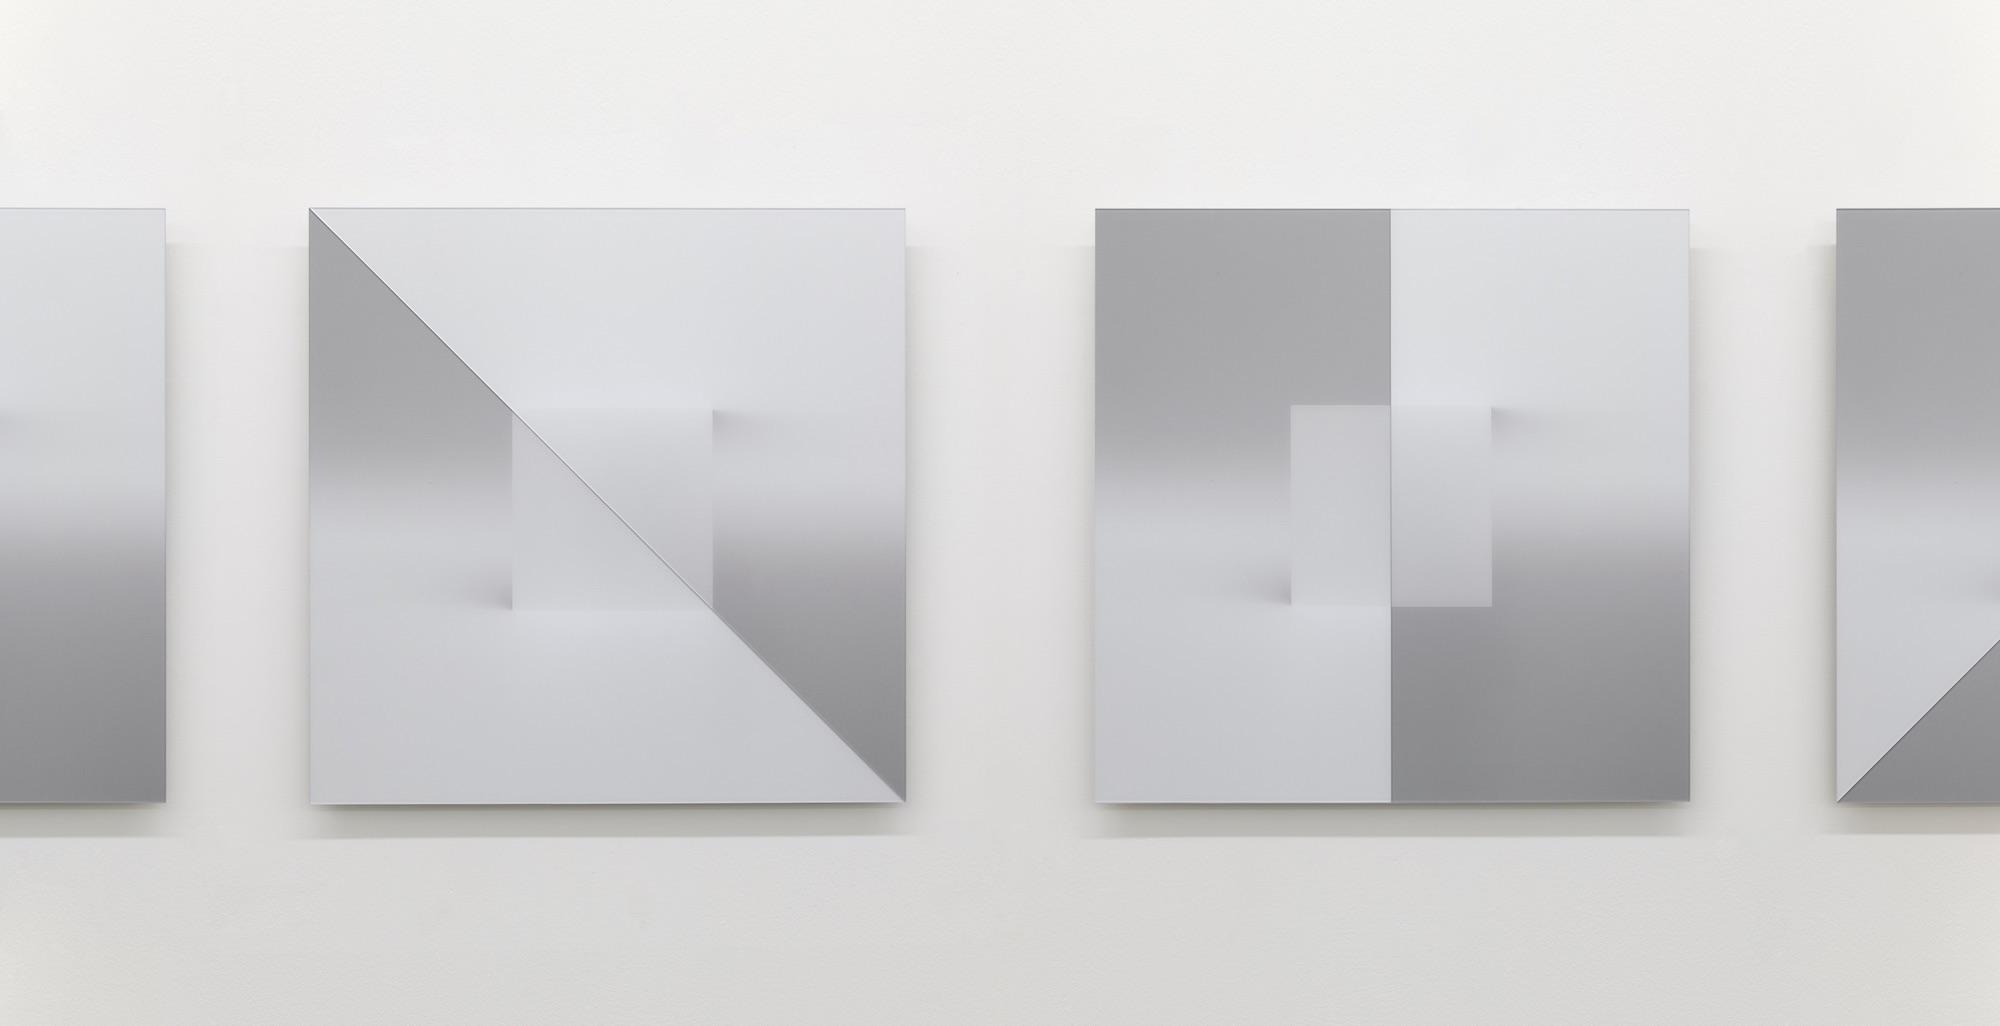 Variations sur le plein et le vide, l'envers et l'endroit - Caroline CloutierGalerie Nicolas RobertDu 3 au 3 mars 2018